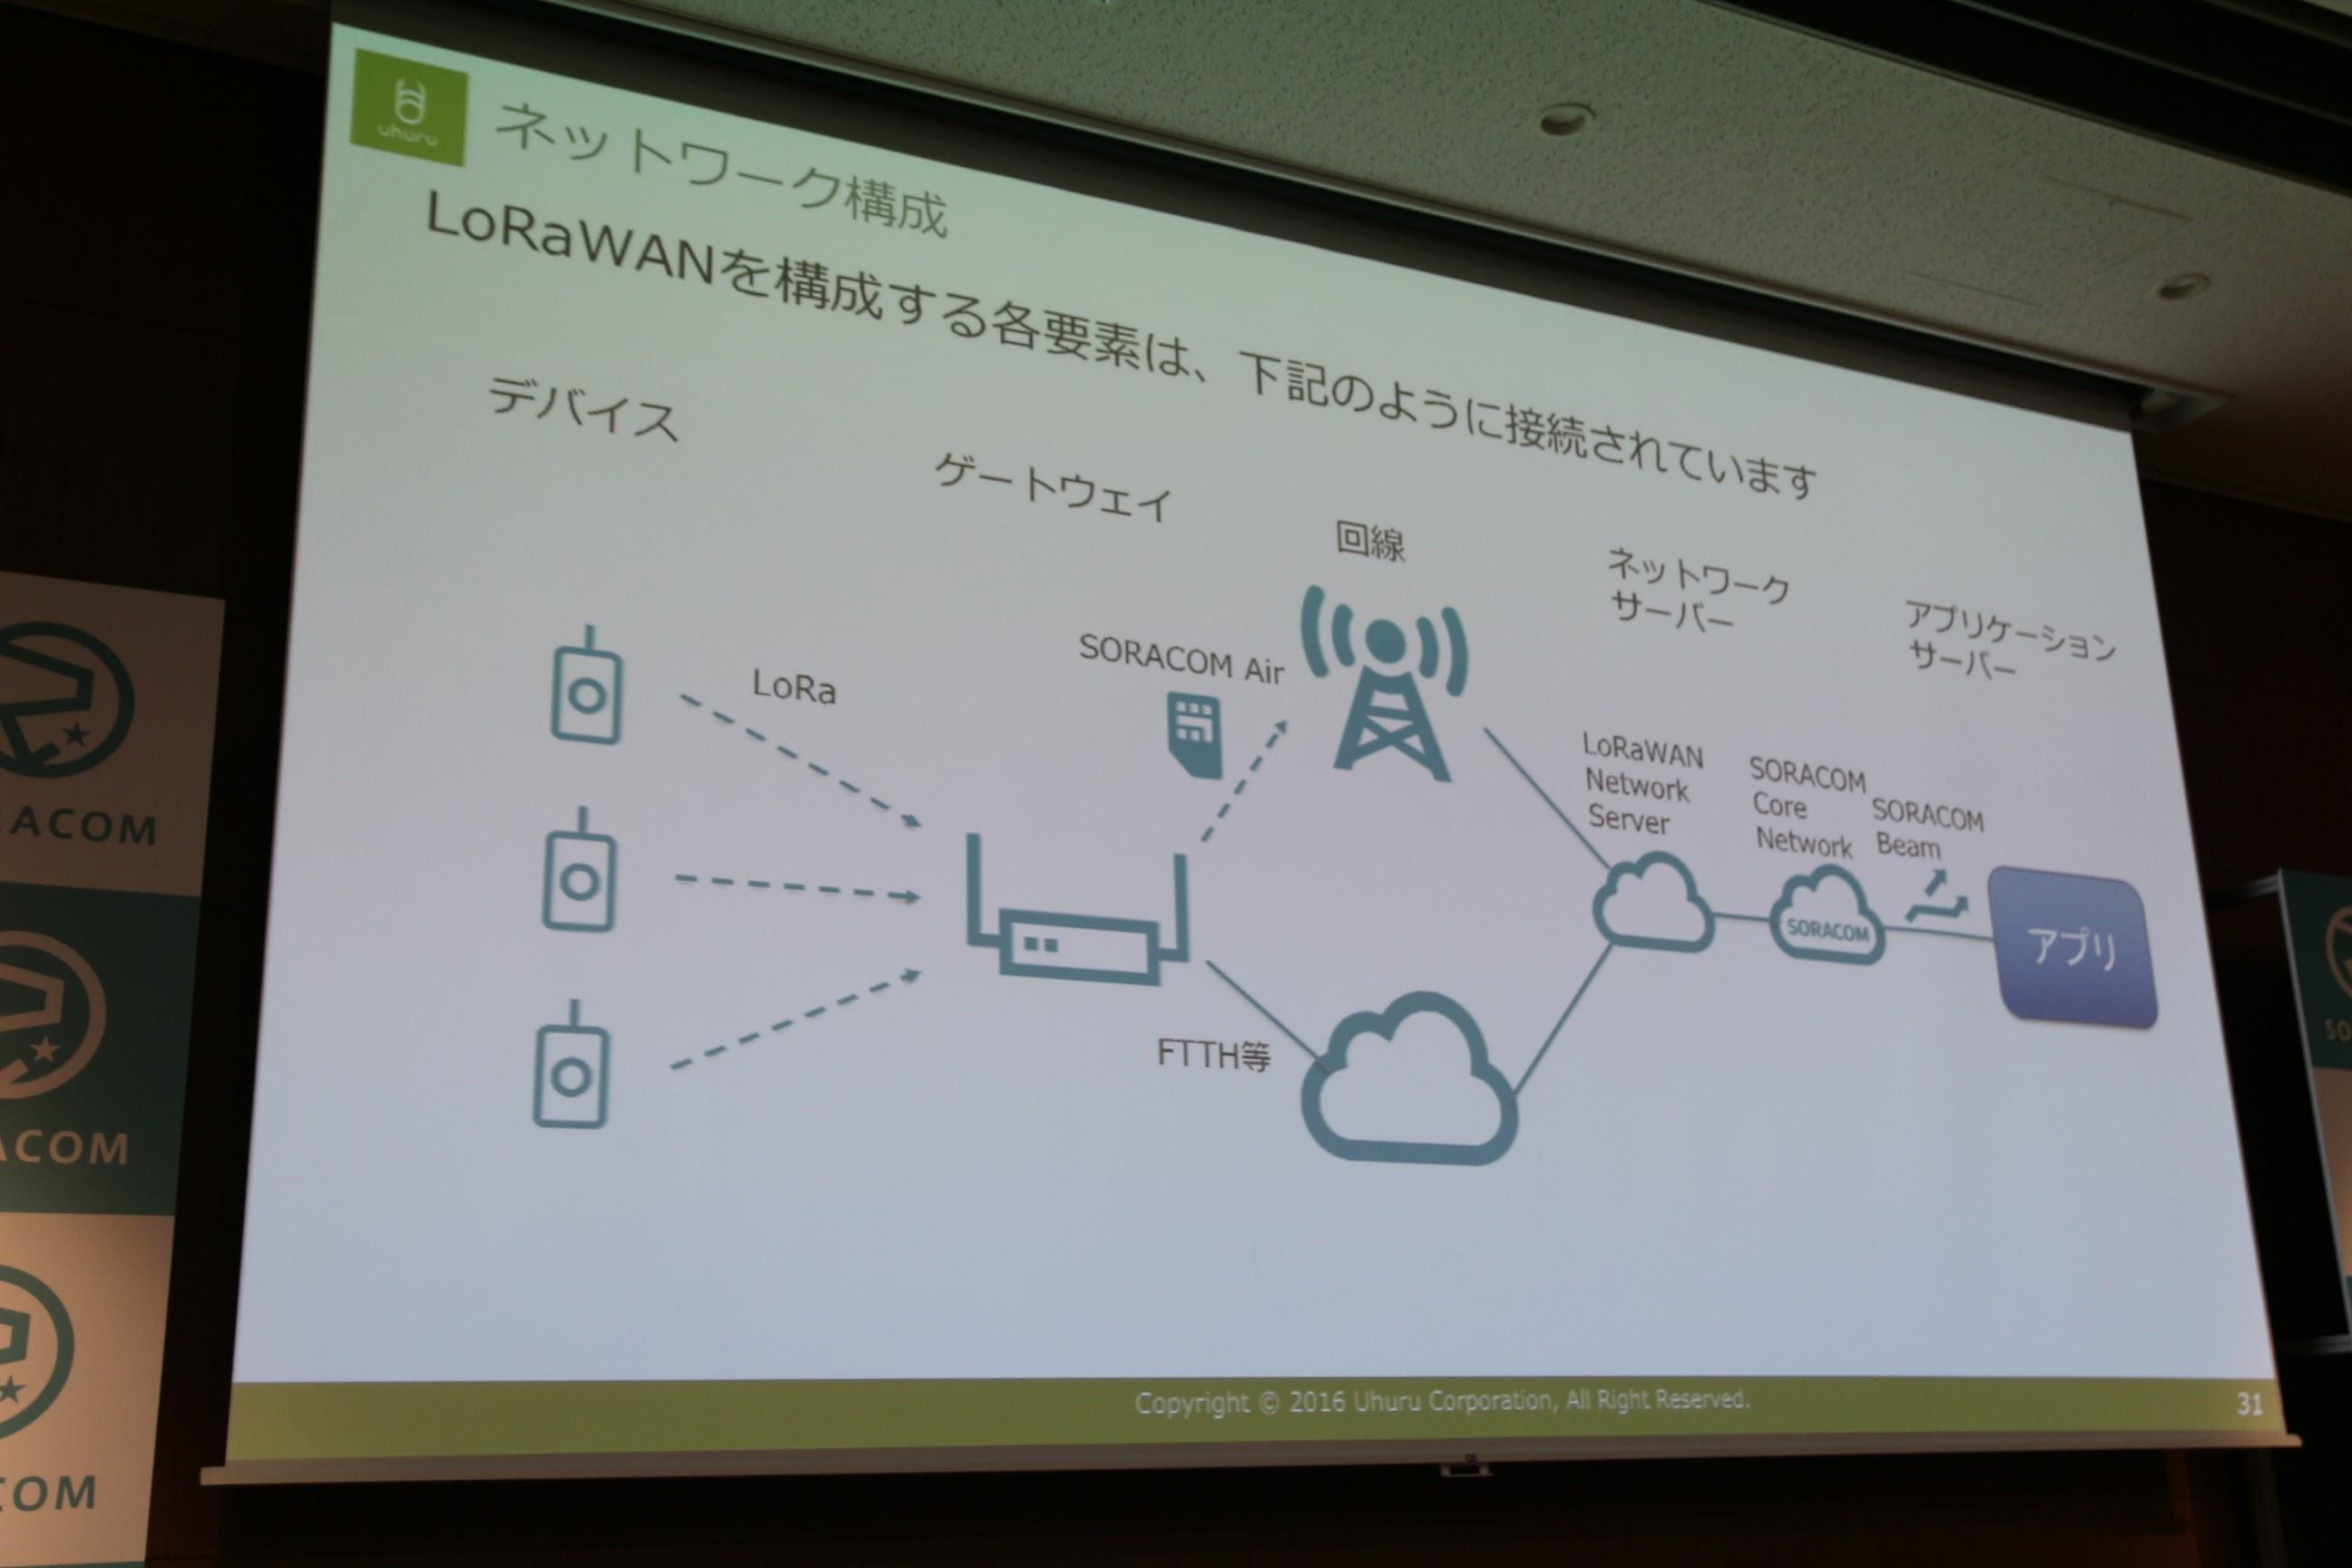 ソラコム SORACOM LoRa WAN Conference2017